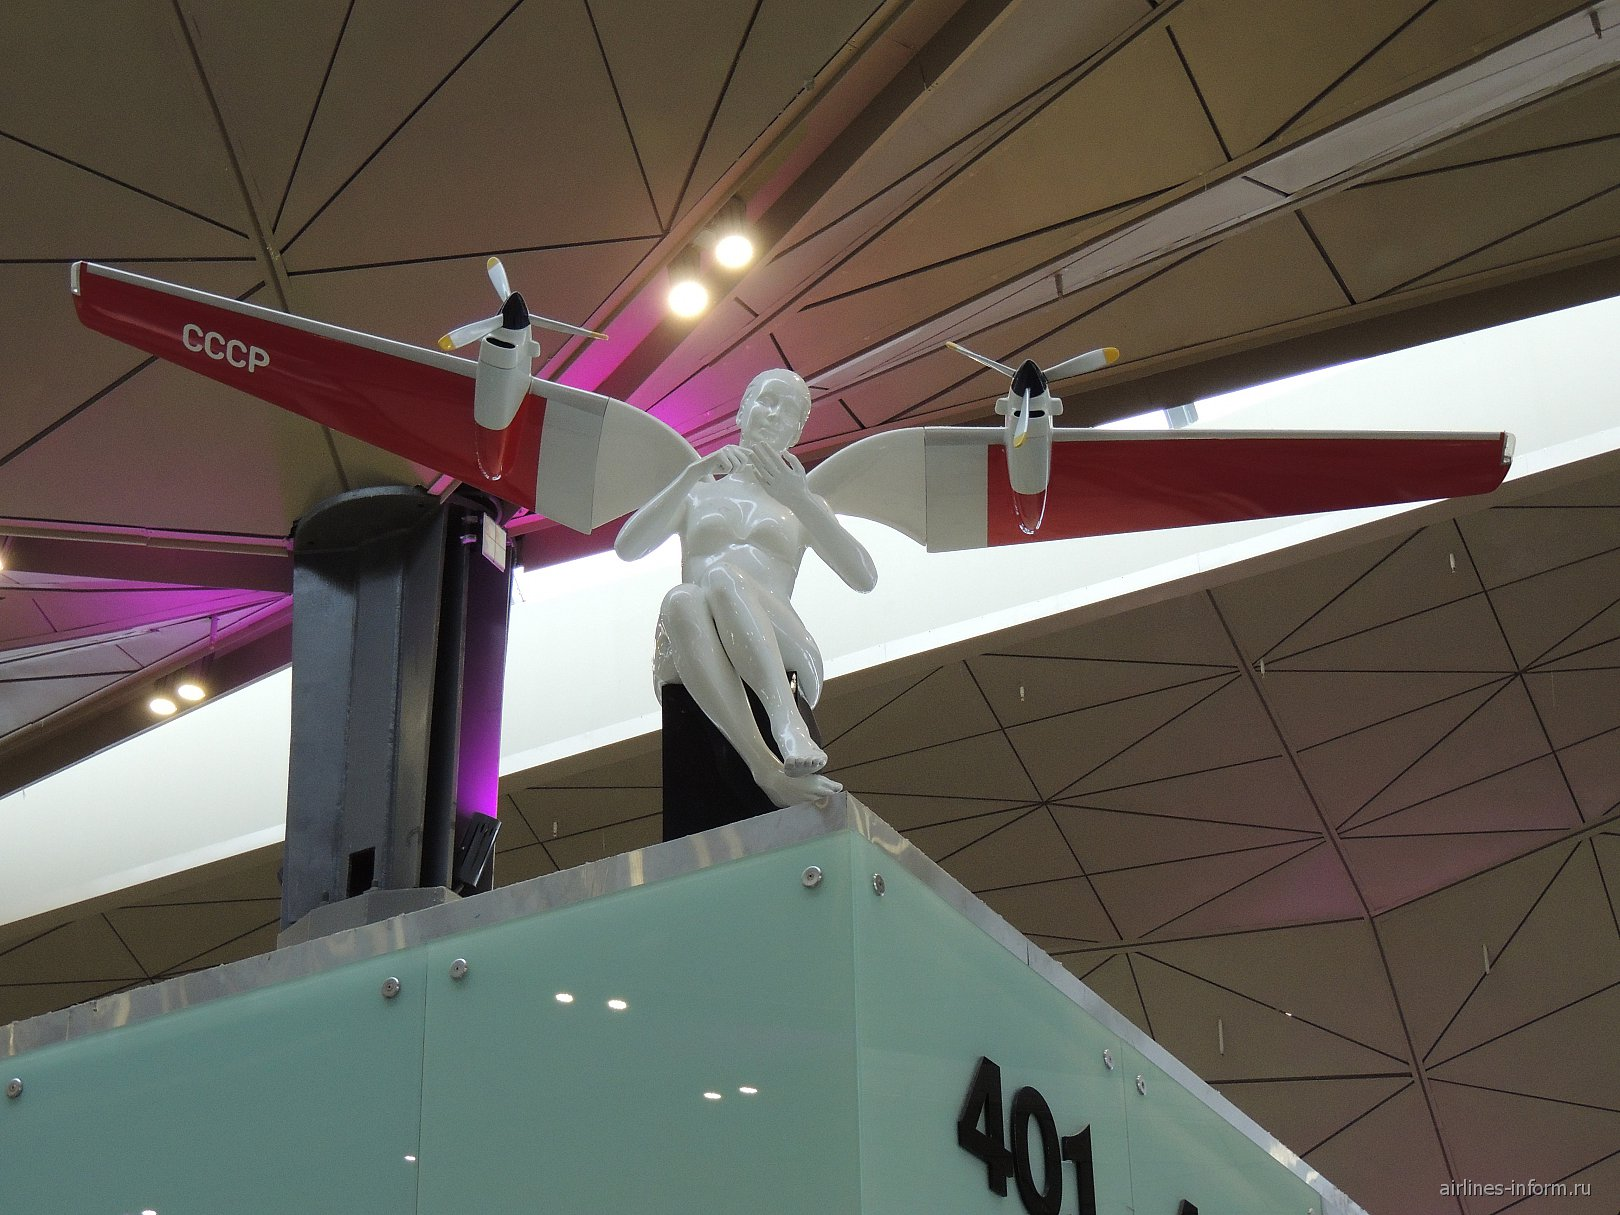 Скульптура сидящего ангела в новом терминале аэропорта Санкт-Петербург Пулково